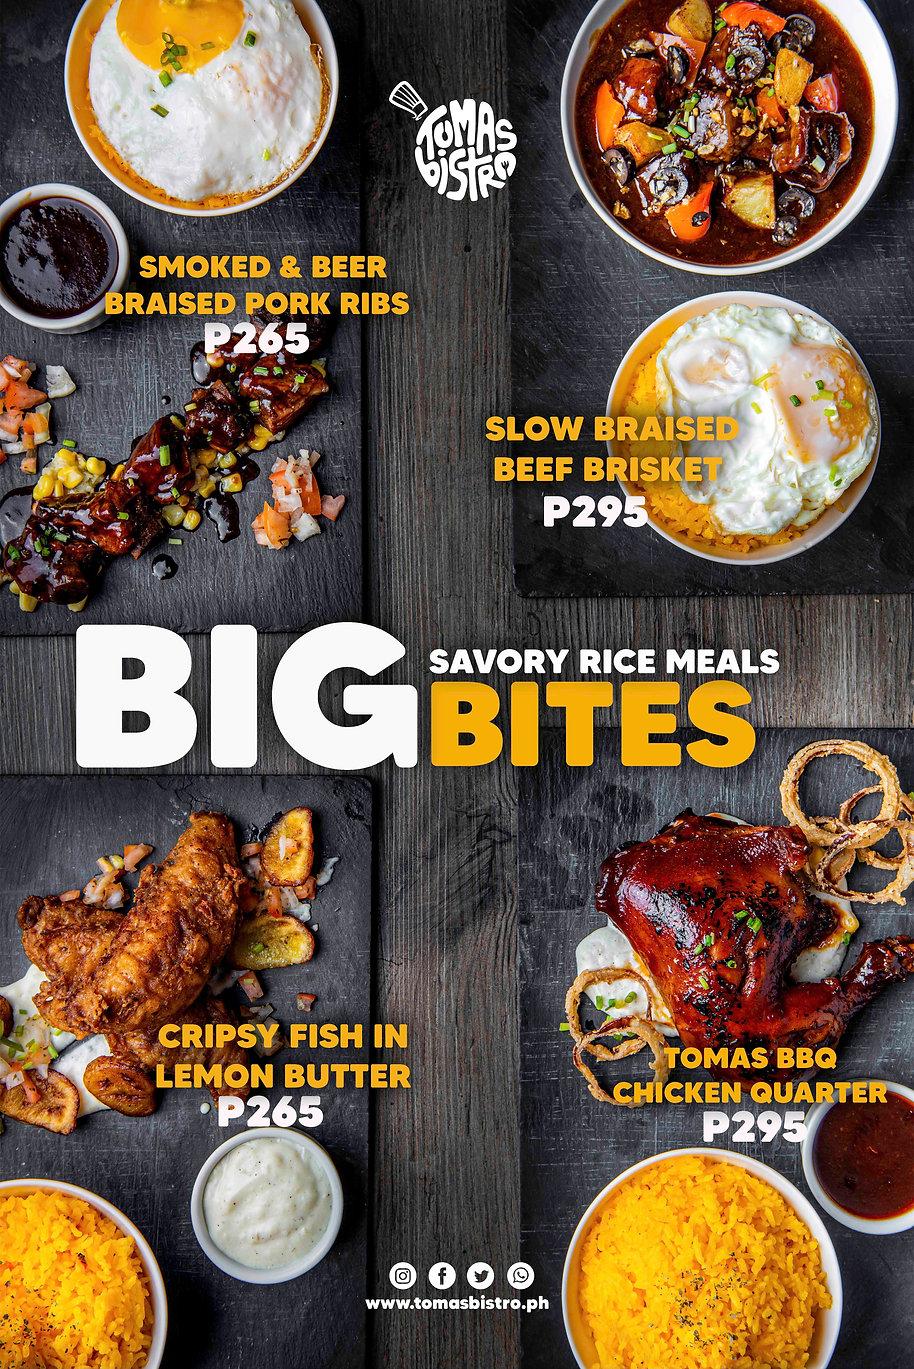 Big BitesMenu1.jpg